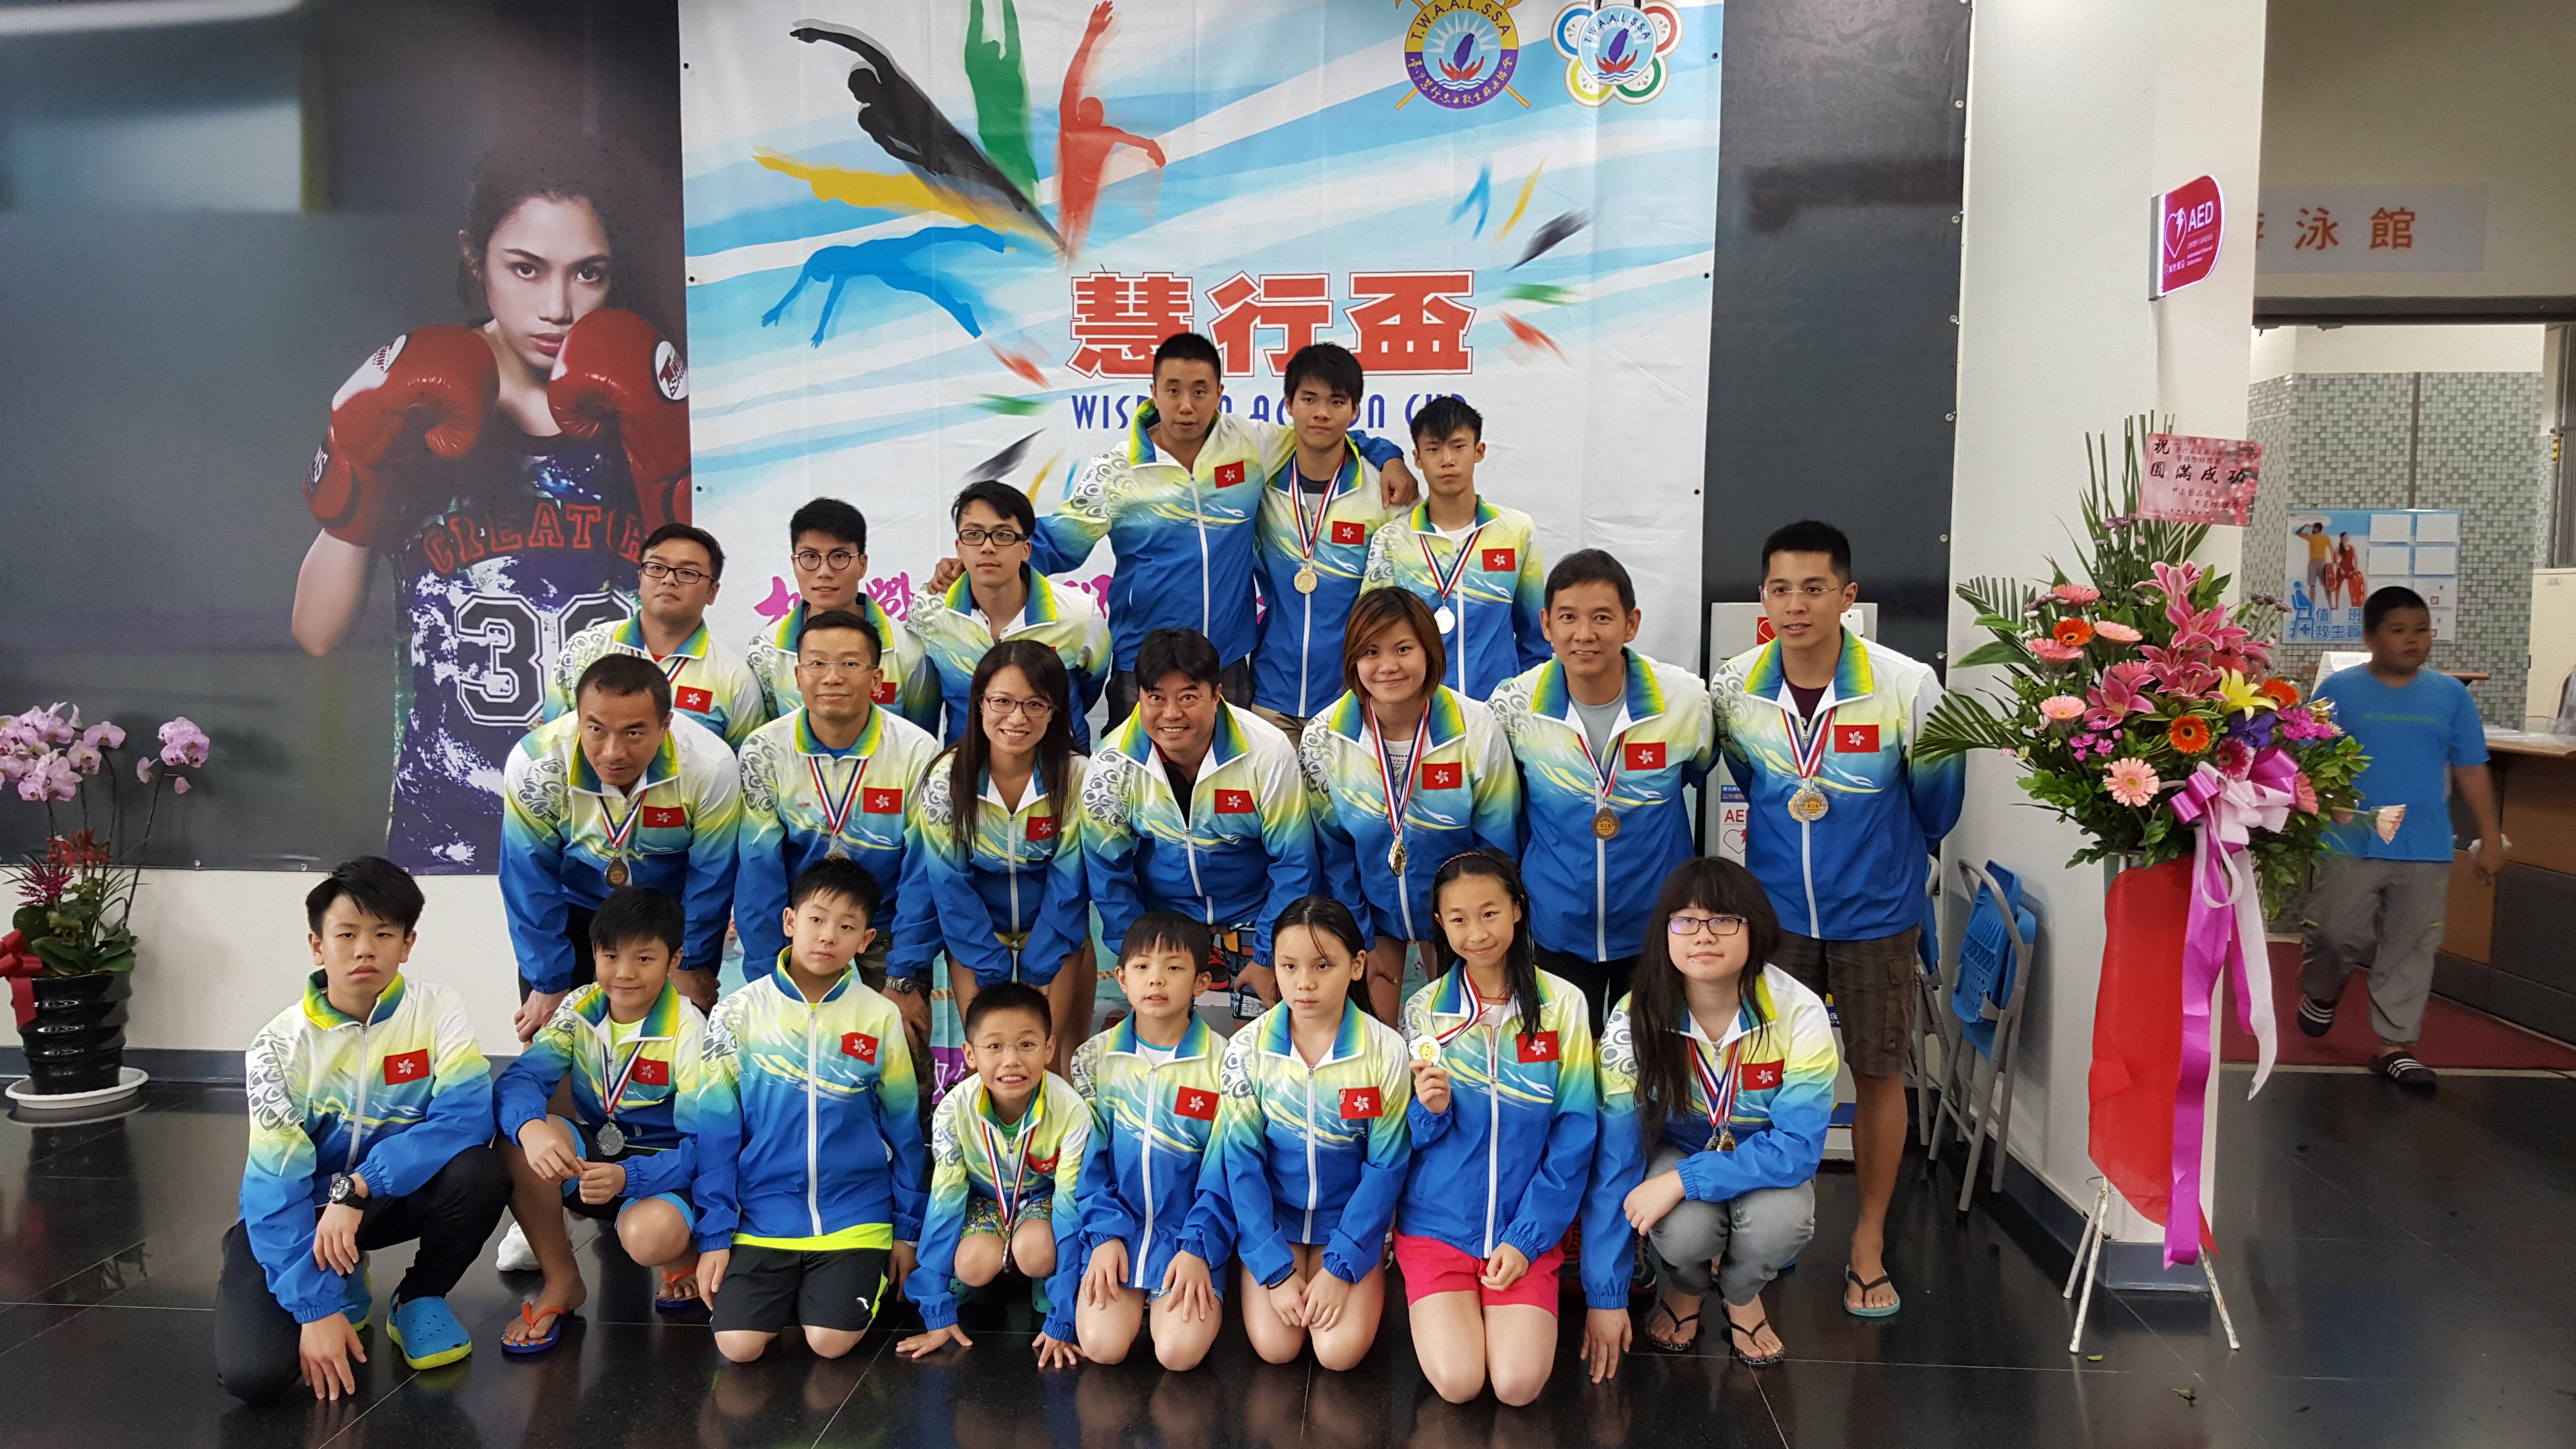 2016 台灣慧行盃國際游泳比賽1